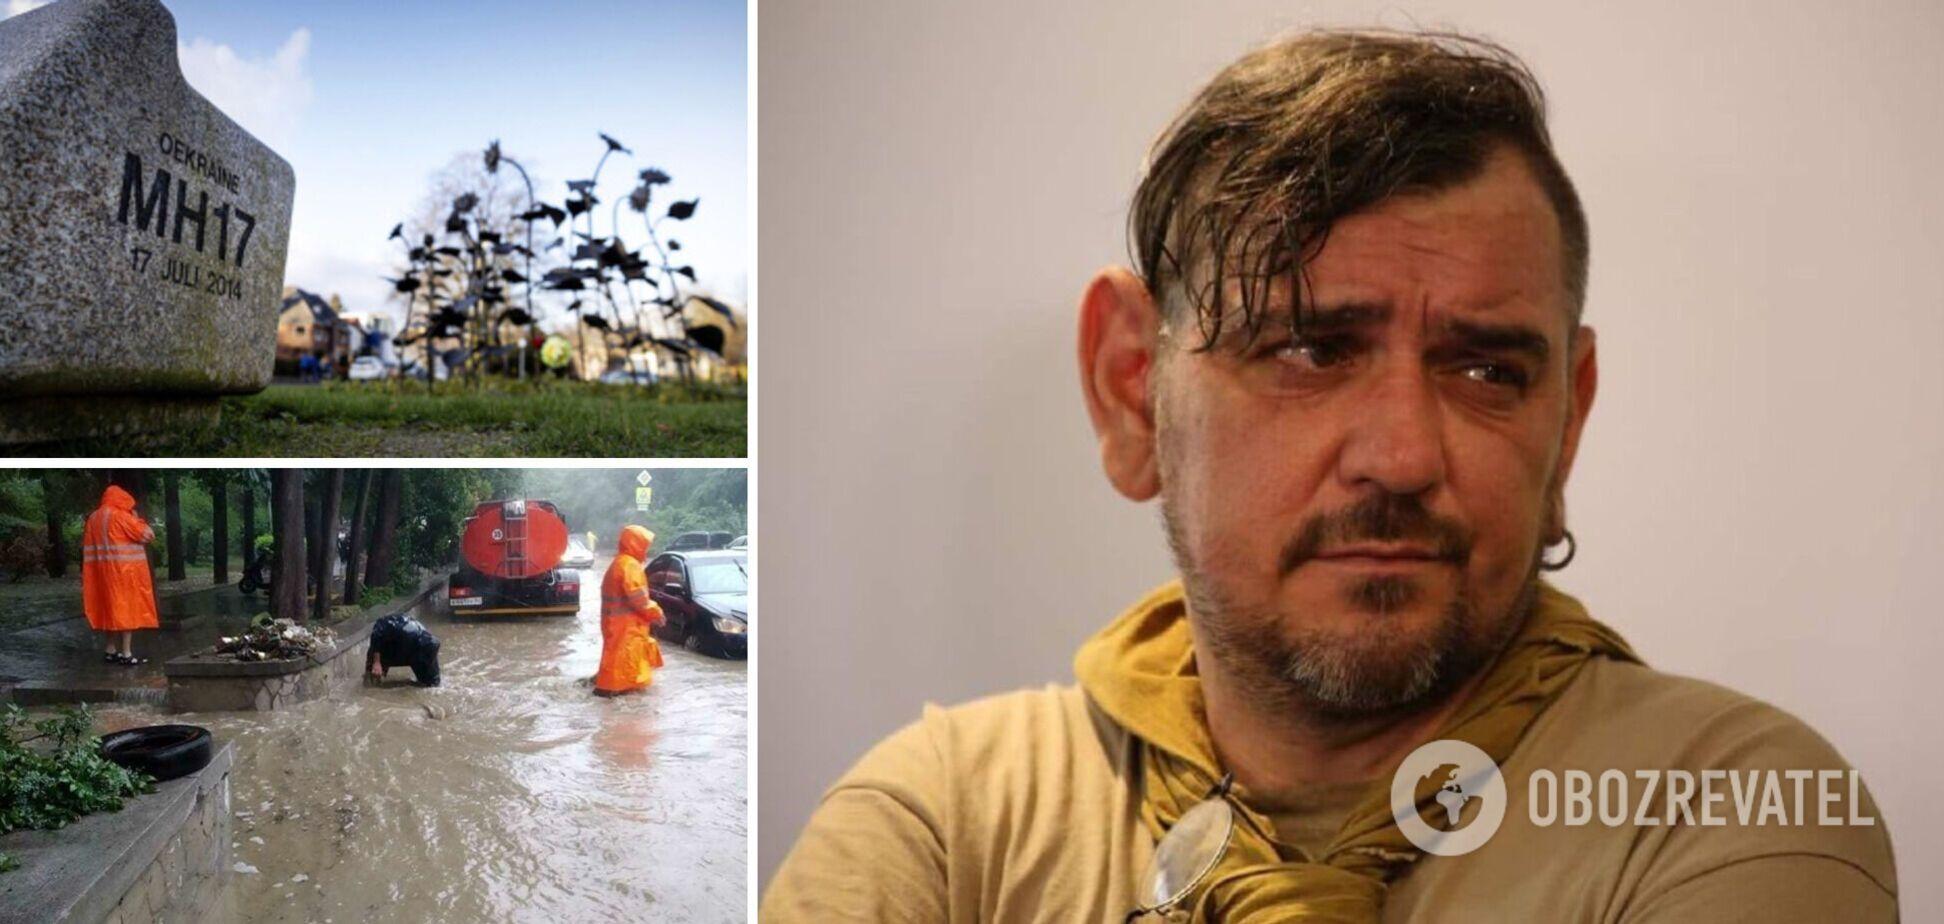 Новини України: десятки постраждалих в Криму через потопи і трагічна загибель відомого блогера